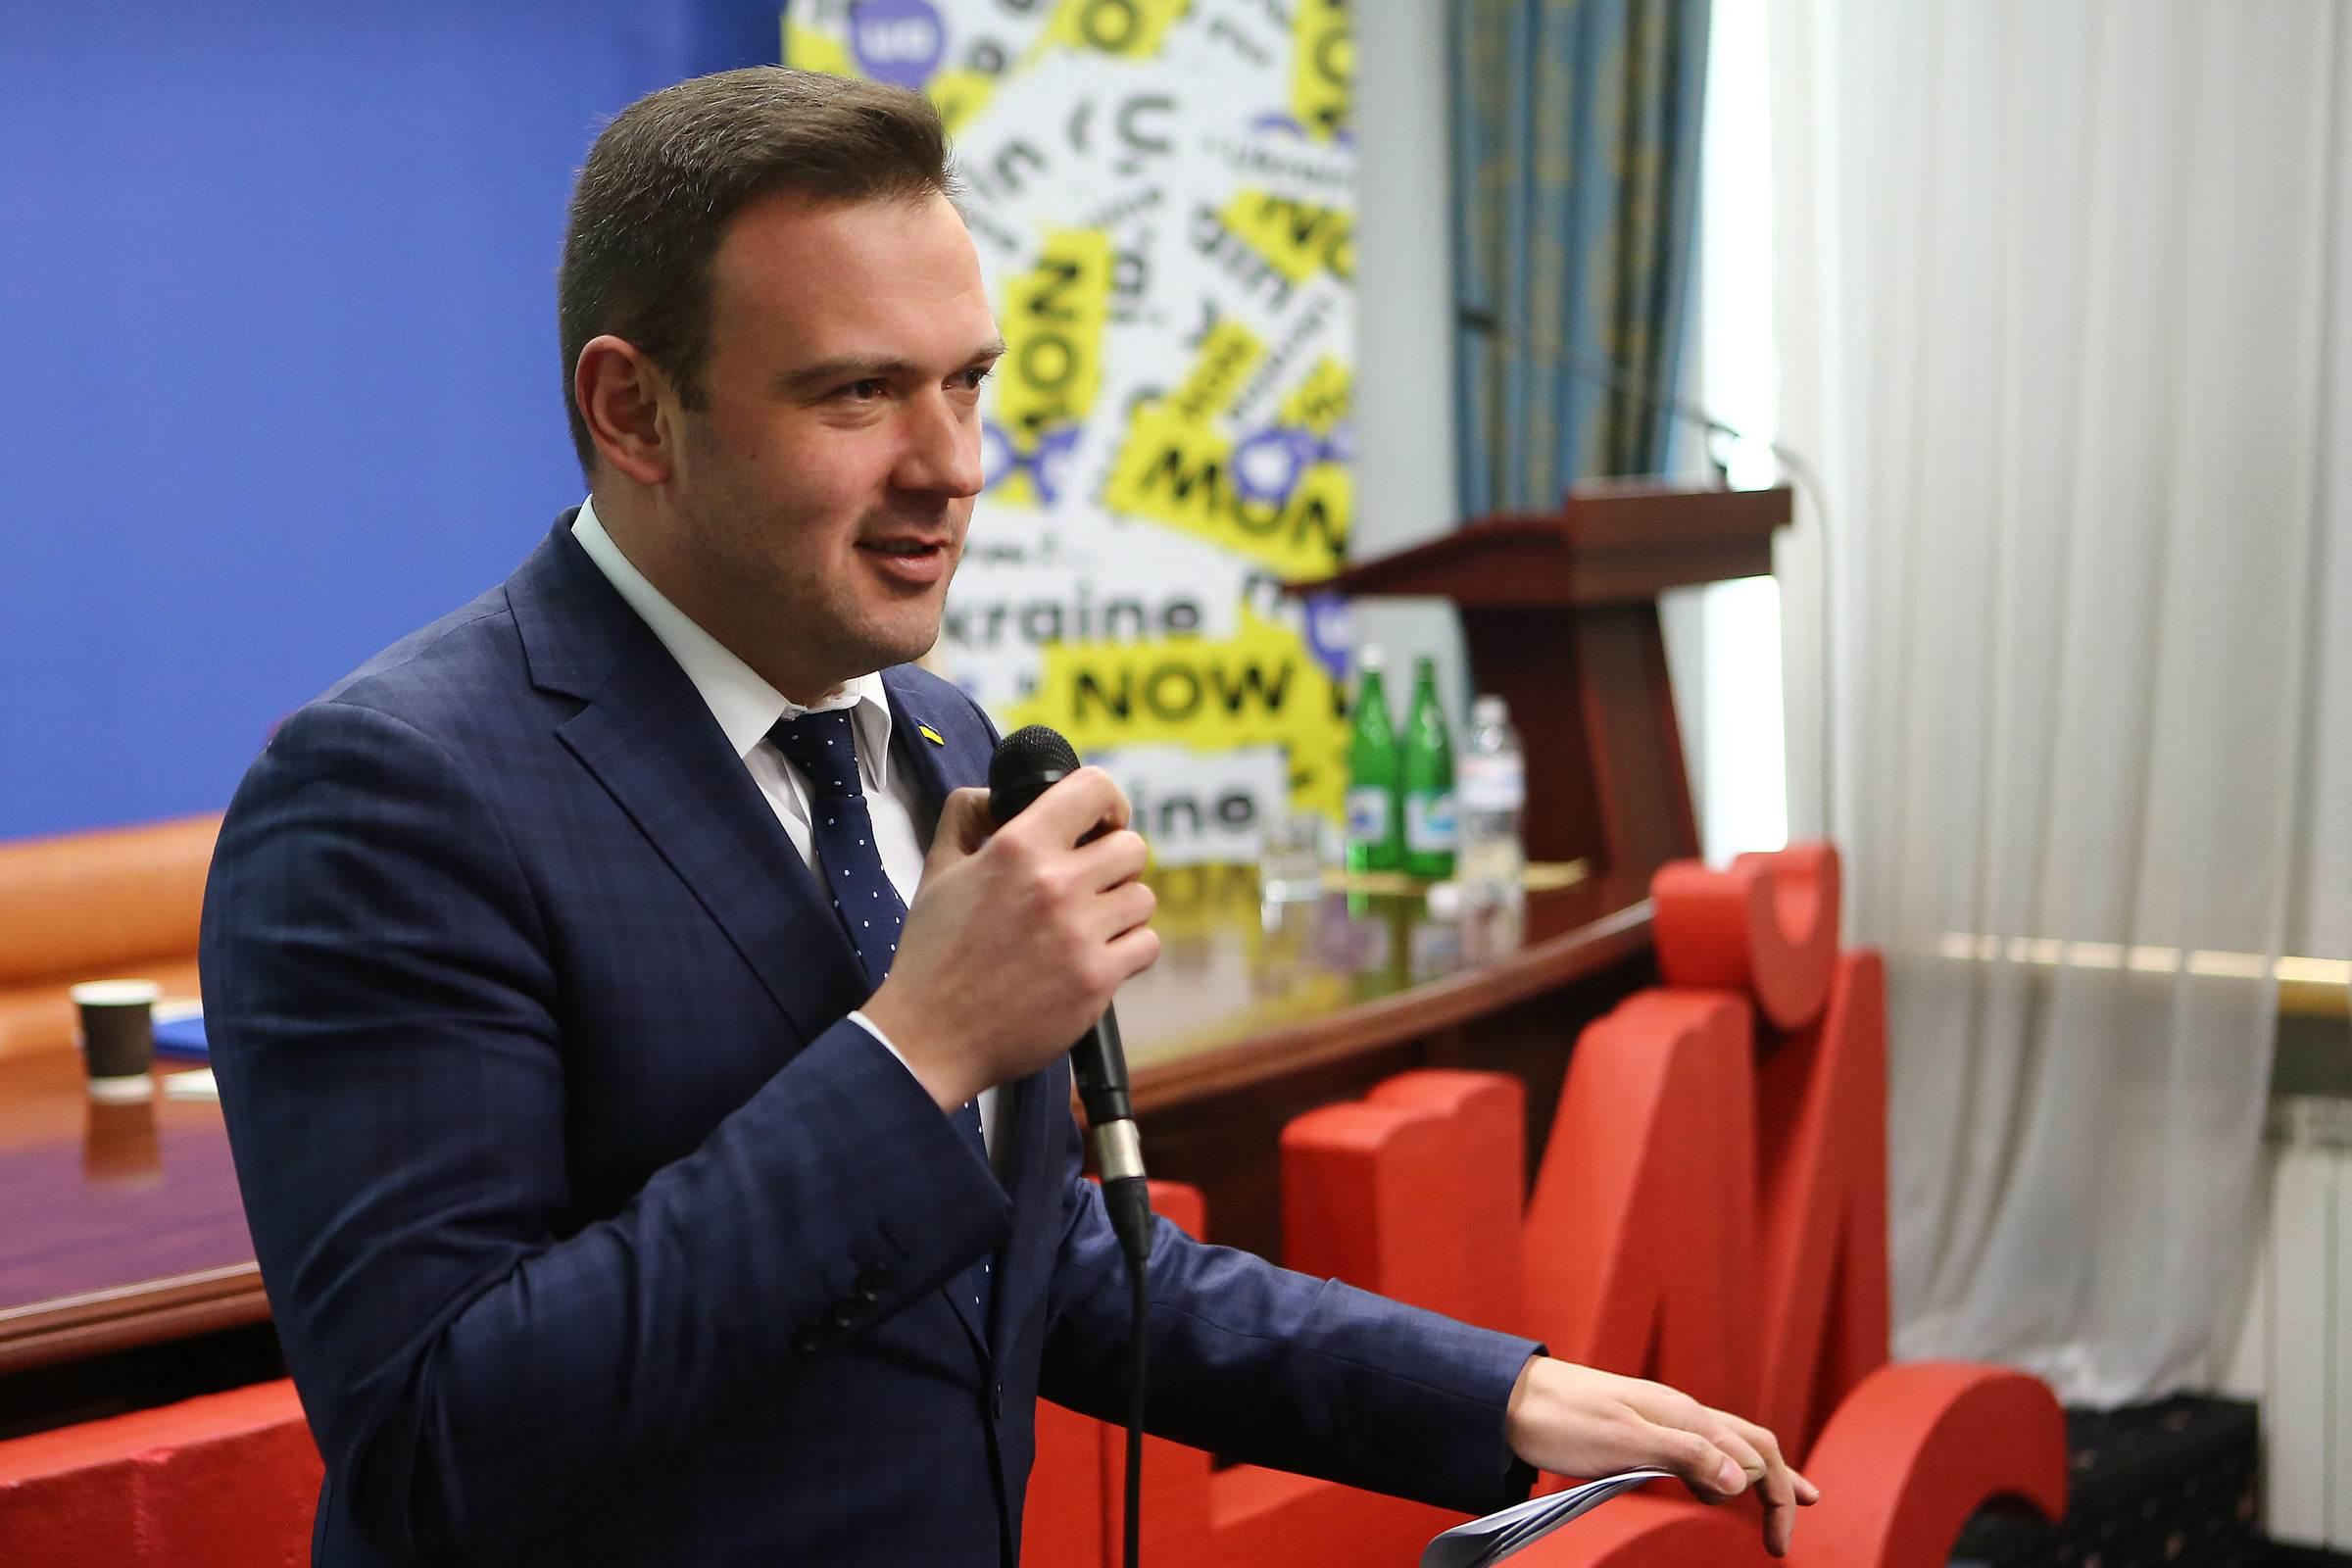 Володимир Бондаренко: Влада стає з кожним днем все більш прозорою та орієнтованою на потреби громадян